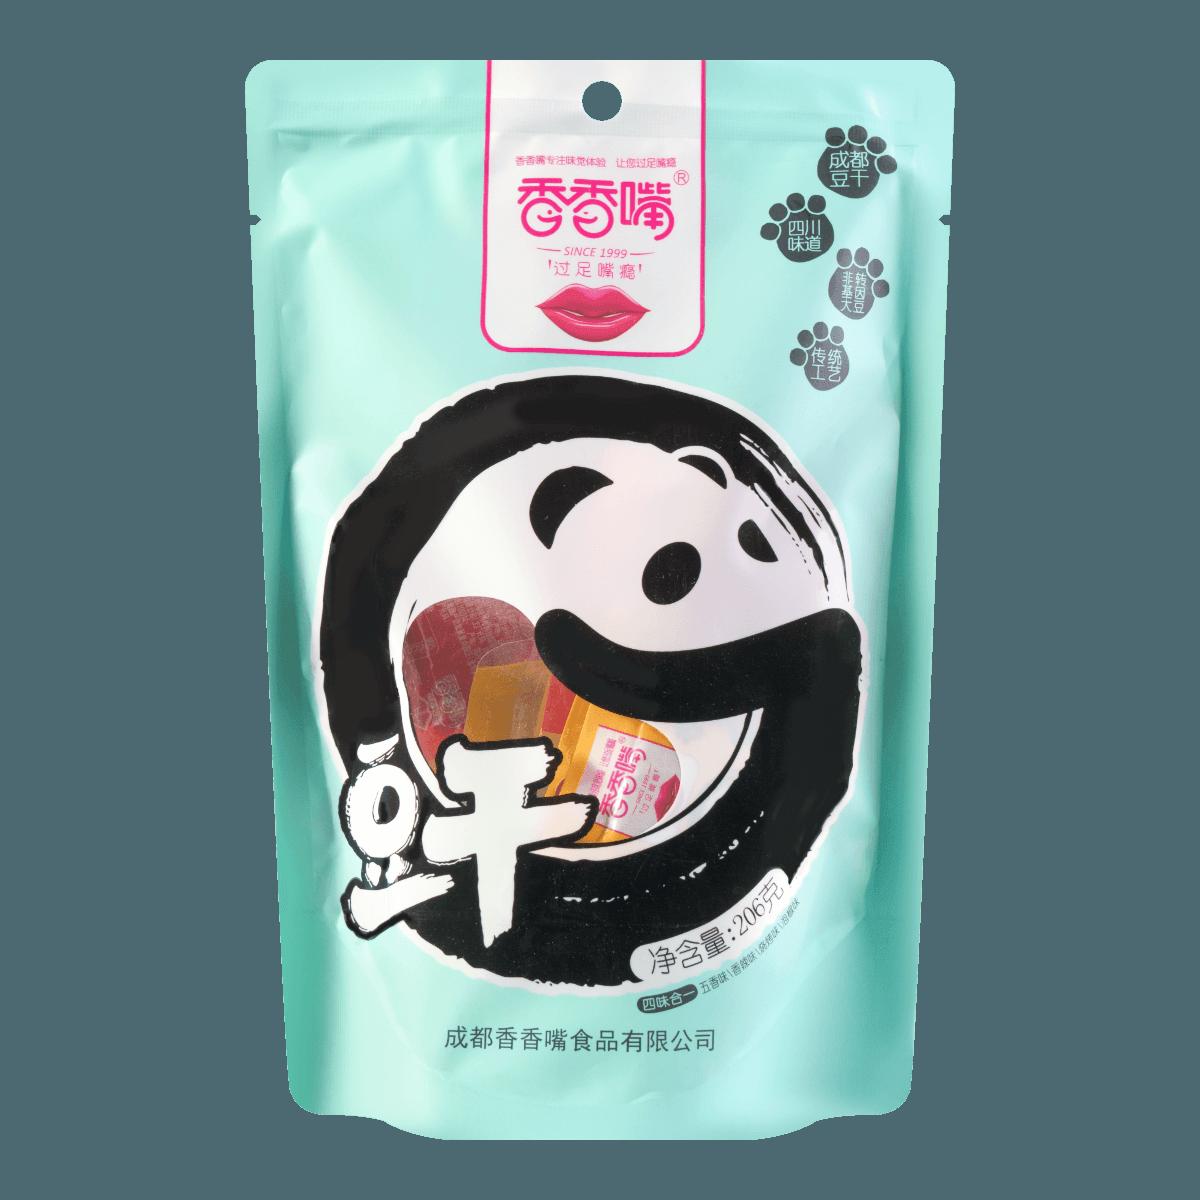 JOYTOFU Assorted Flavored Bean Curd 206g